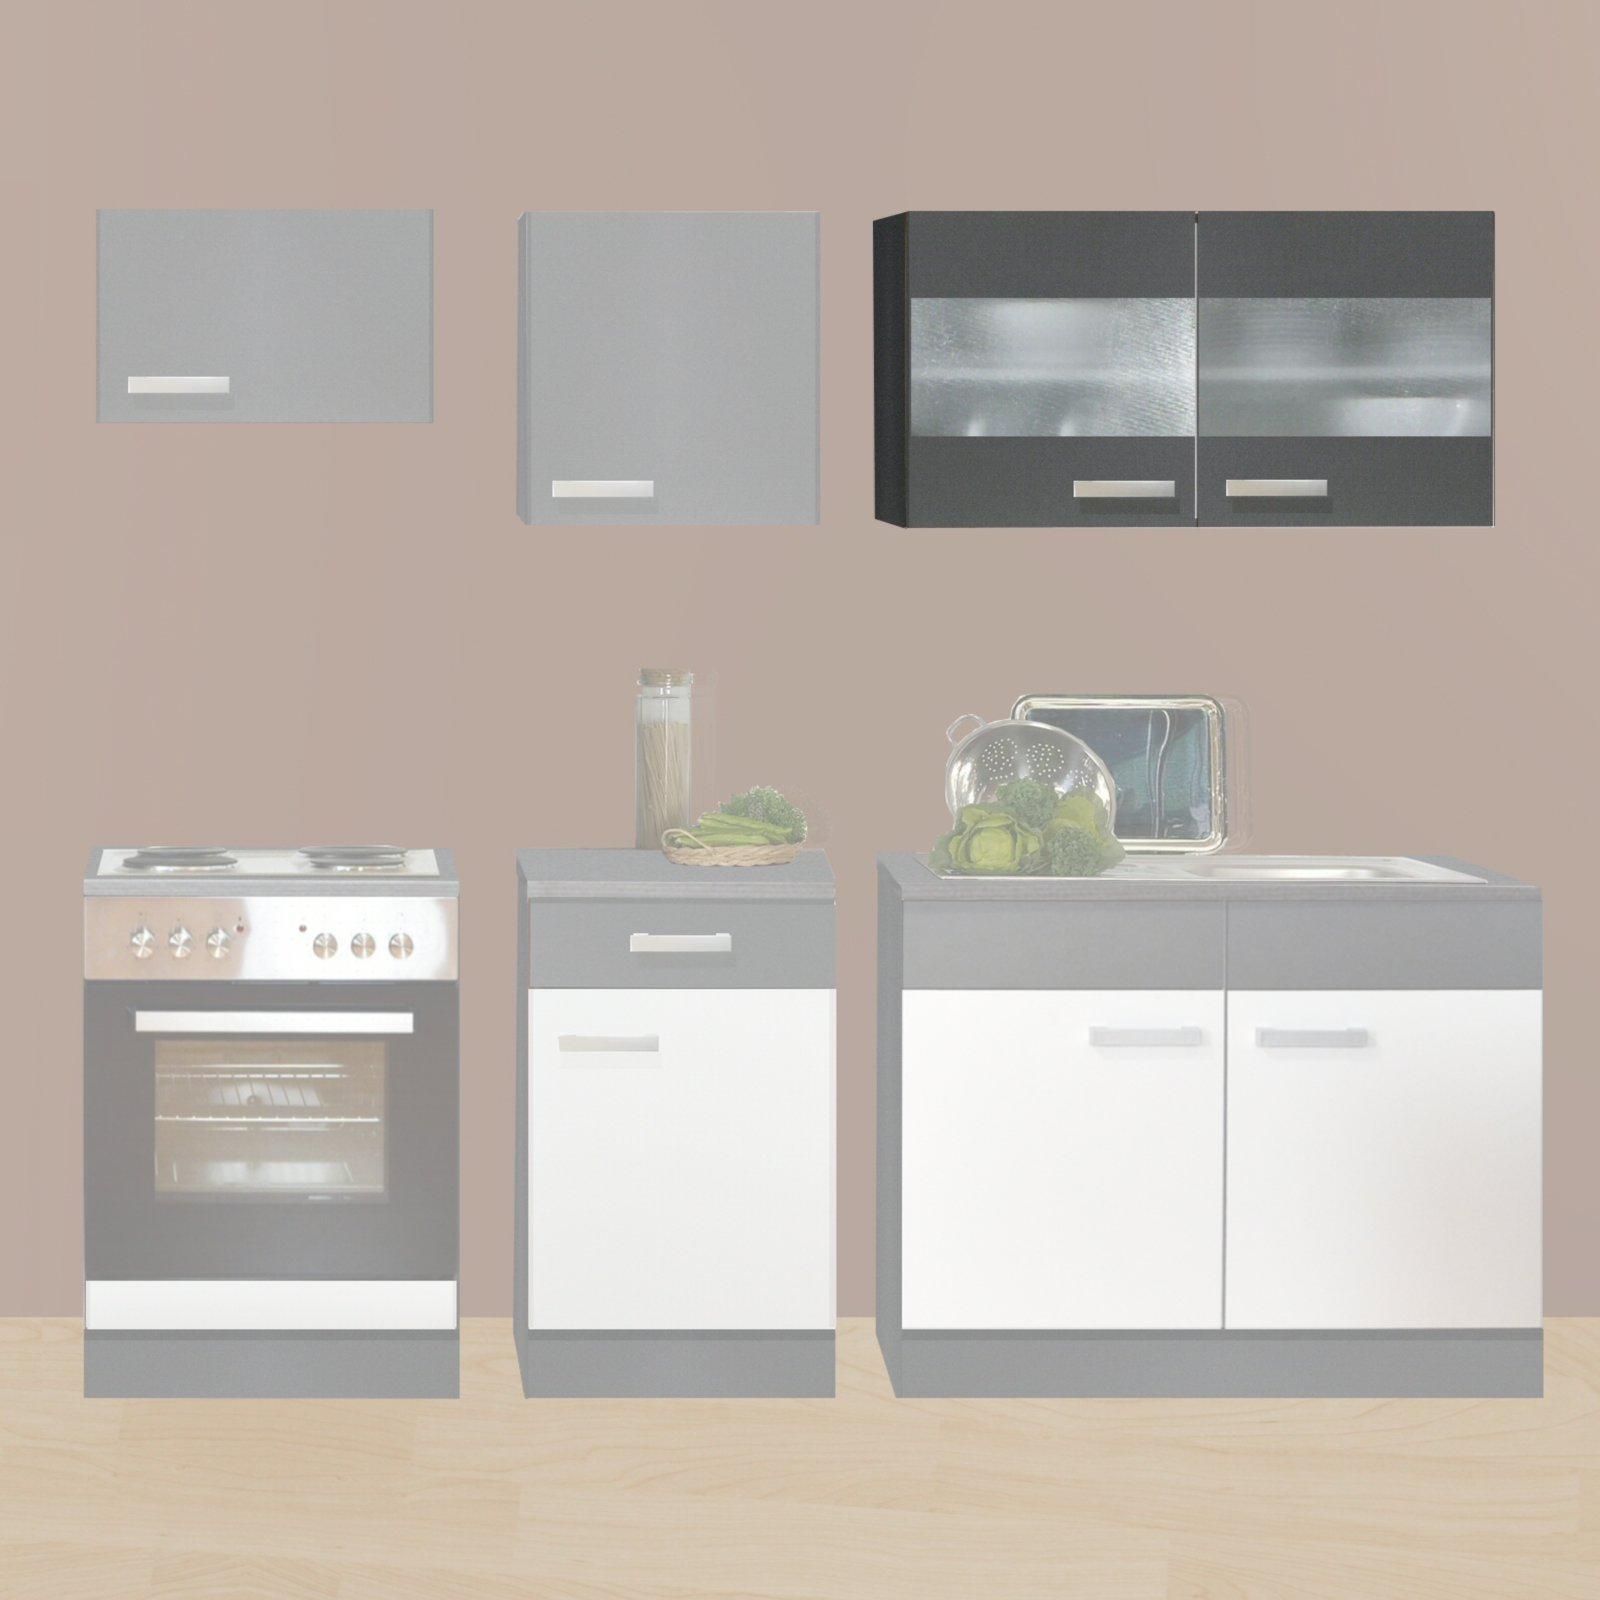 Hängeschrank küche  Hängeschrank GRETA - graphit - Glastüren - 100x64 cm | Küche GRETA ...